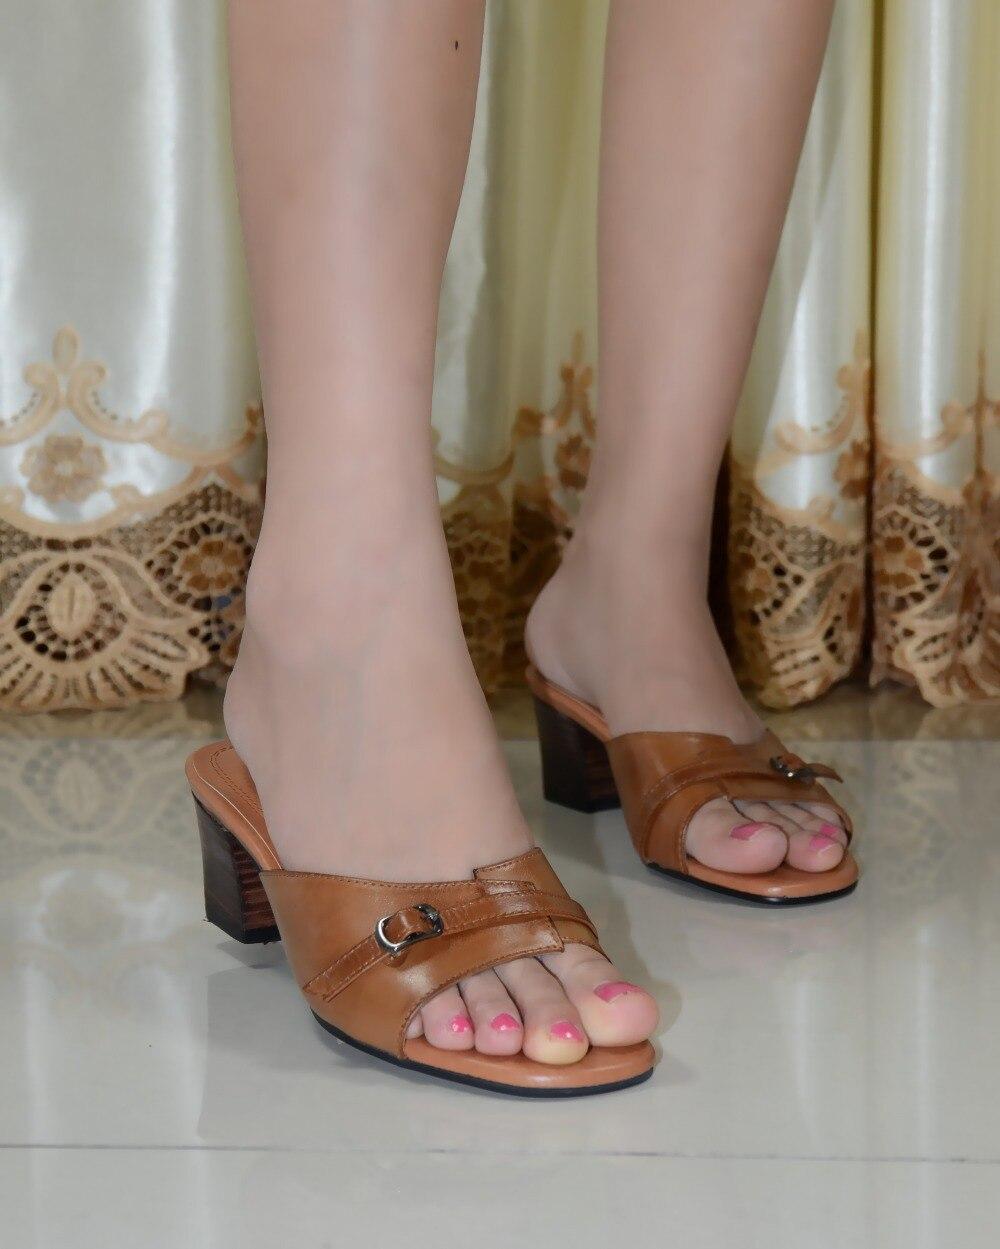 Sandals,women sandals,shoes,women shoes, for women sandals ladies sandals heel women genuine stylesandals shoes 319-23 sandals